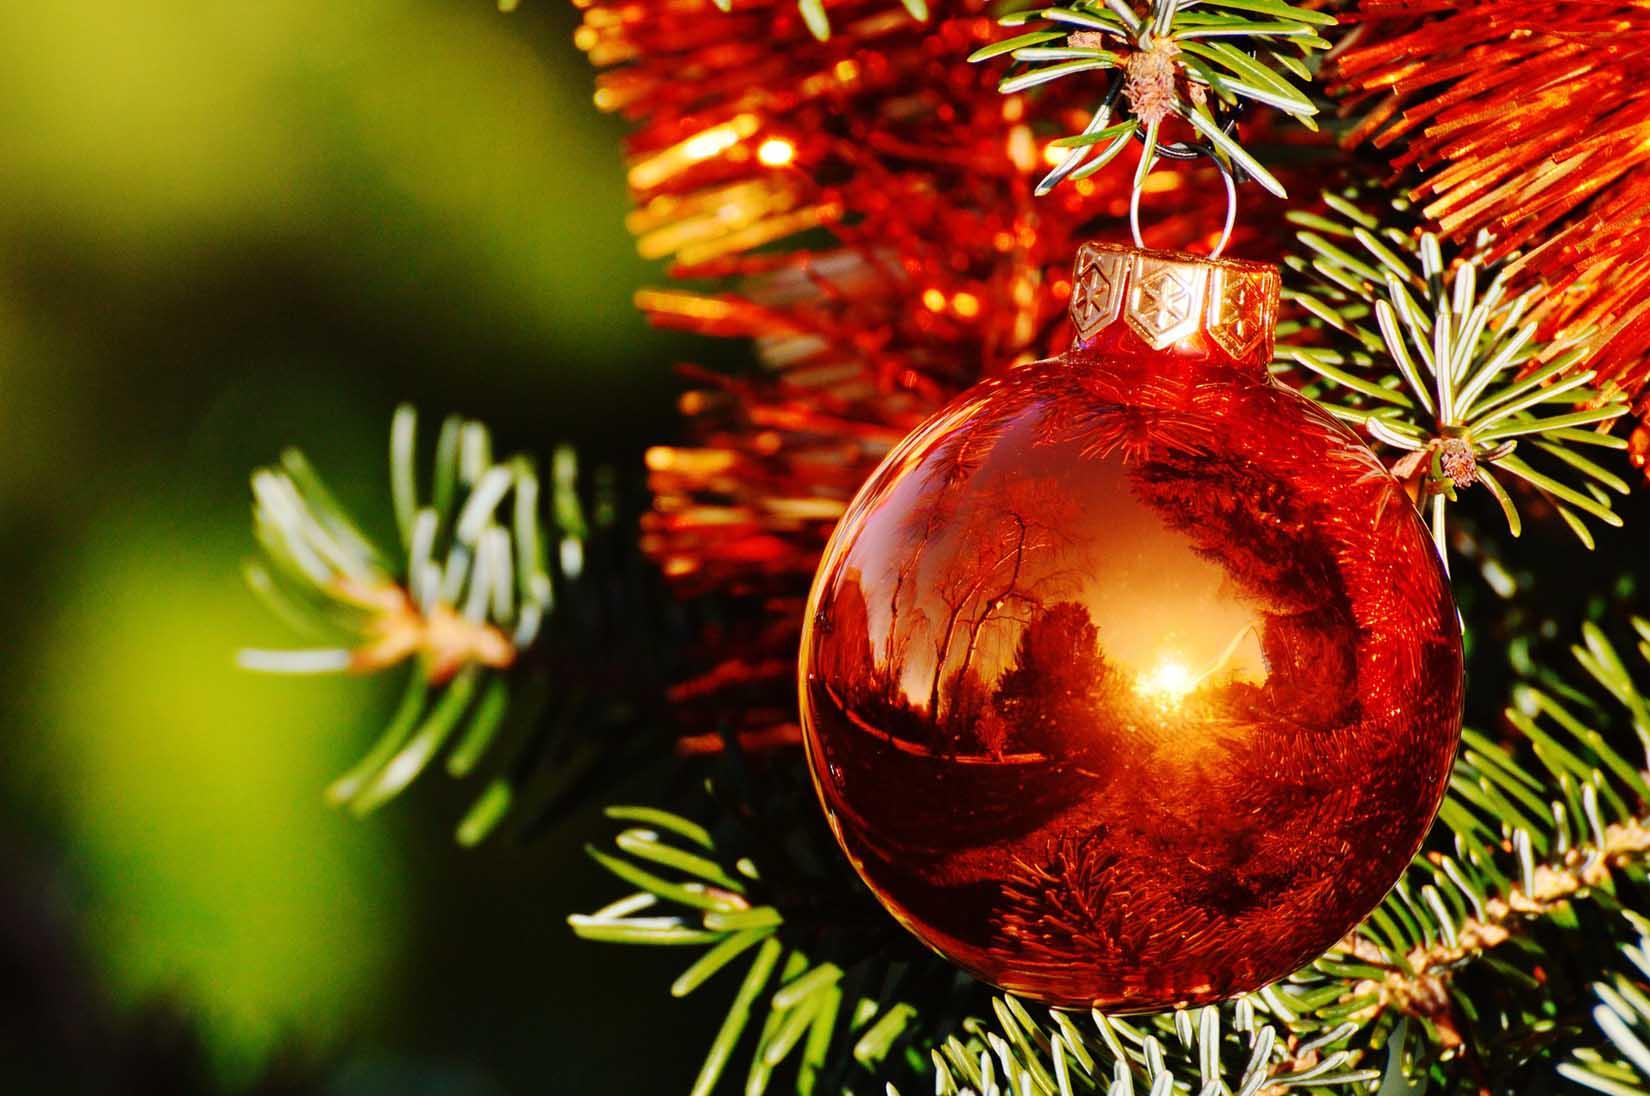 Rød julekule som henger på juletre. Nærbilde.